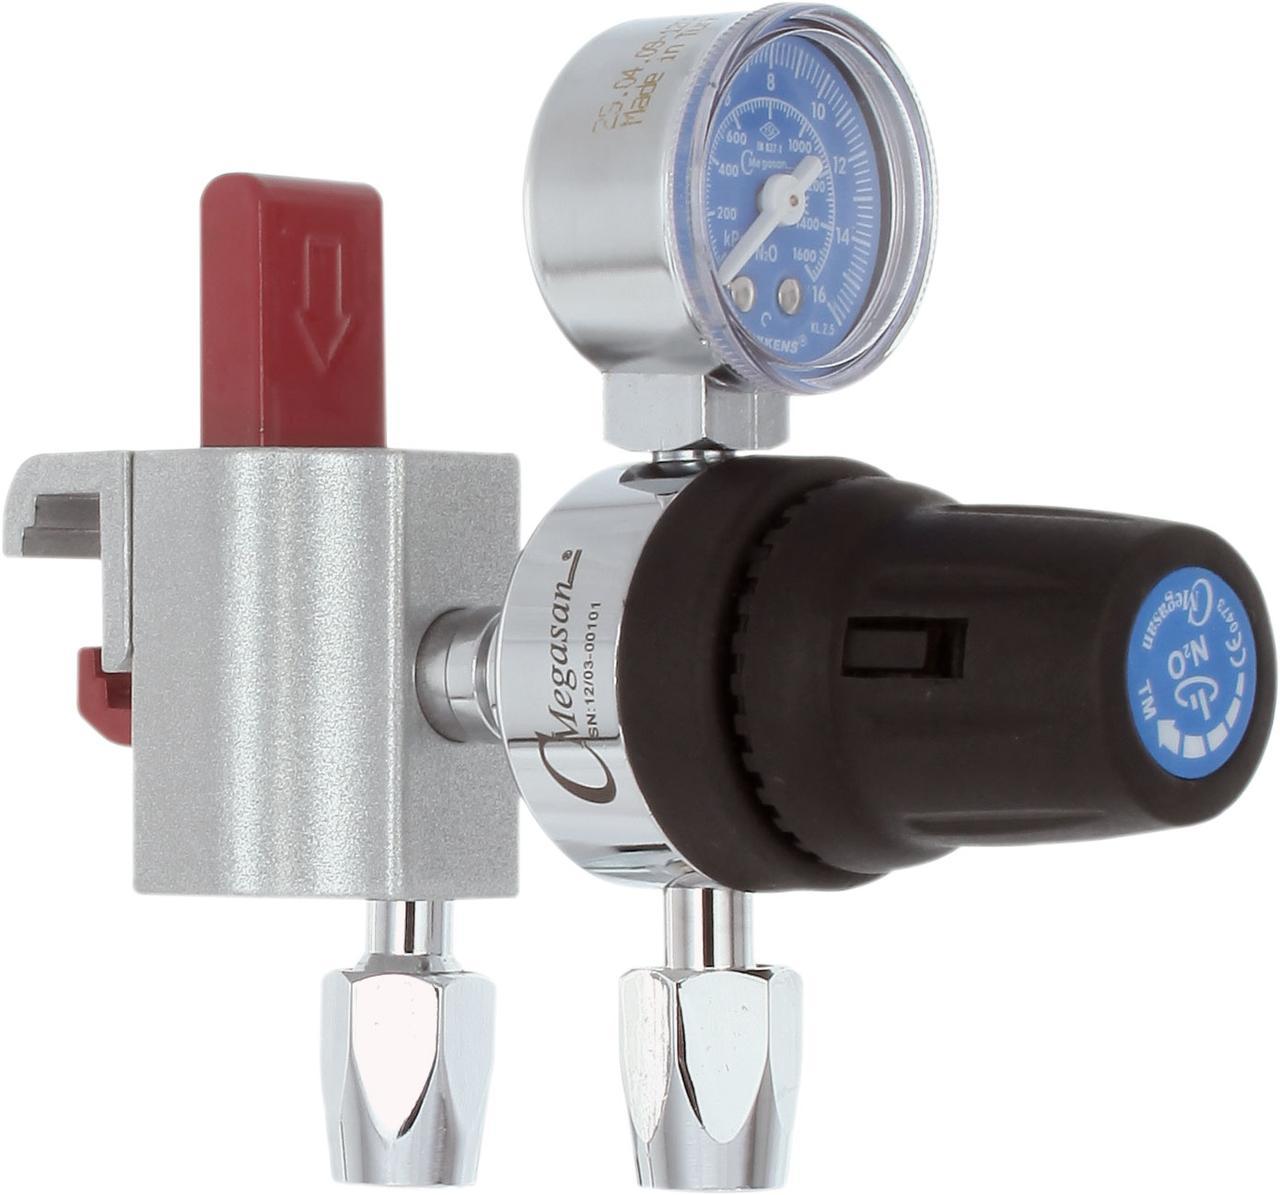 Регулятор низкого давления центральной системы закиси азота, с креплением рейкового типа - DIN